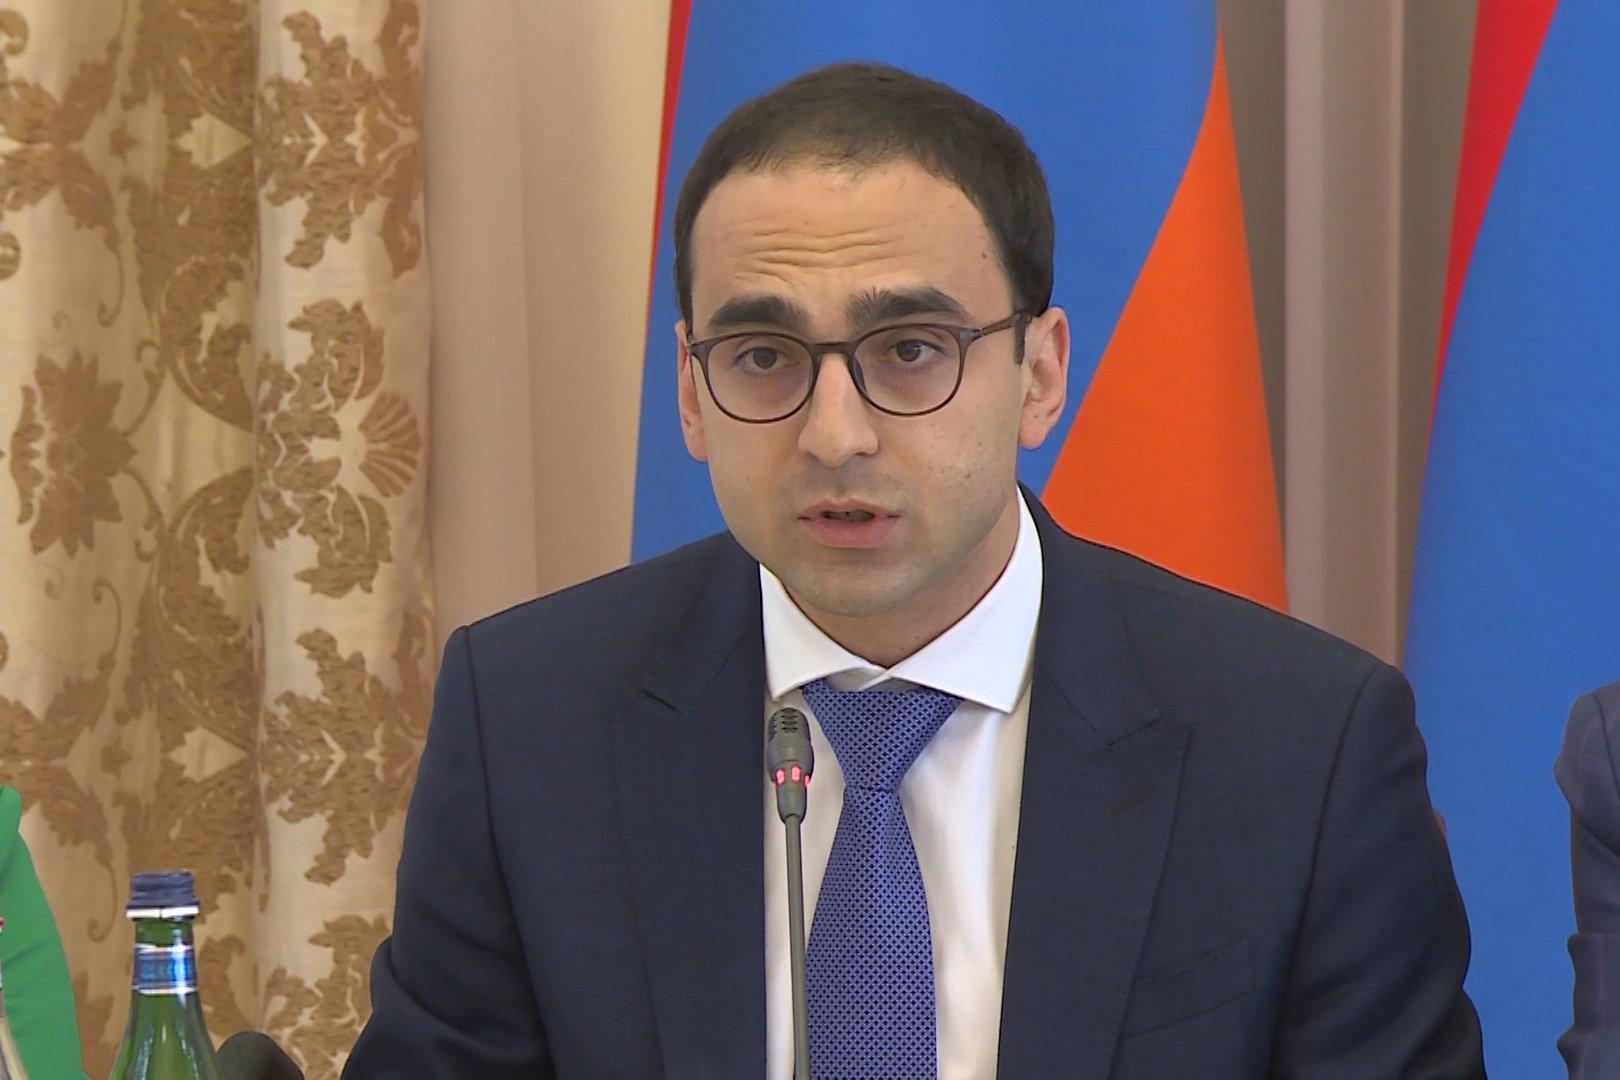 Հայաստանի և Վրաստանի միջև քաղաքական երկխոսությունը գտնվում է շատ բարձր մակարդակի վրա. Ավինյան